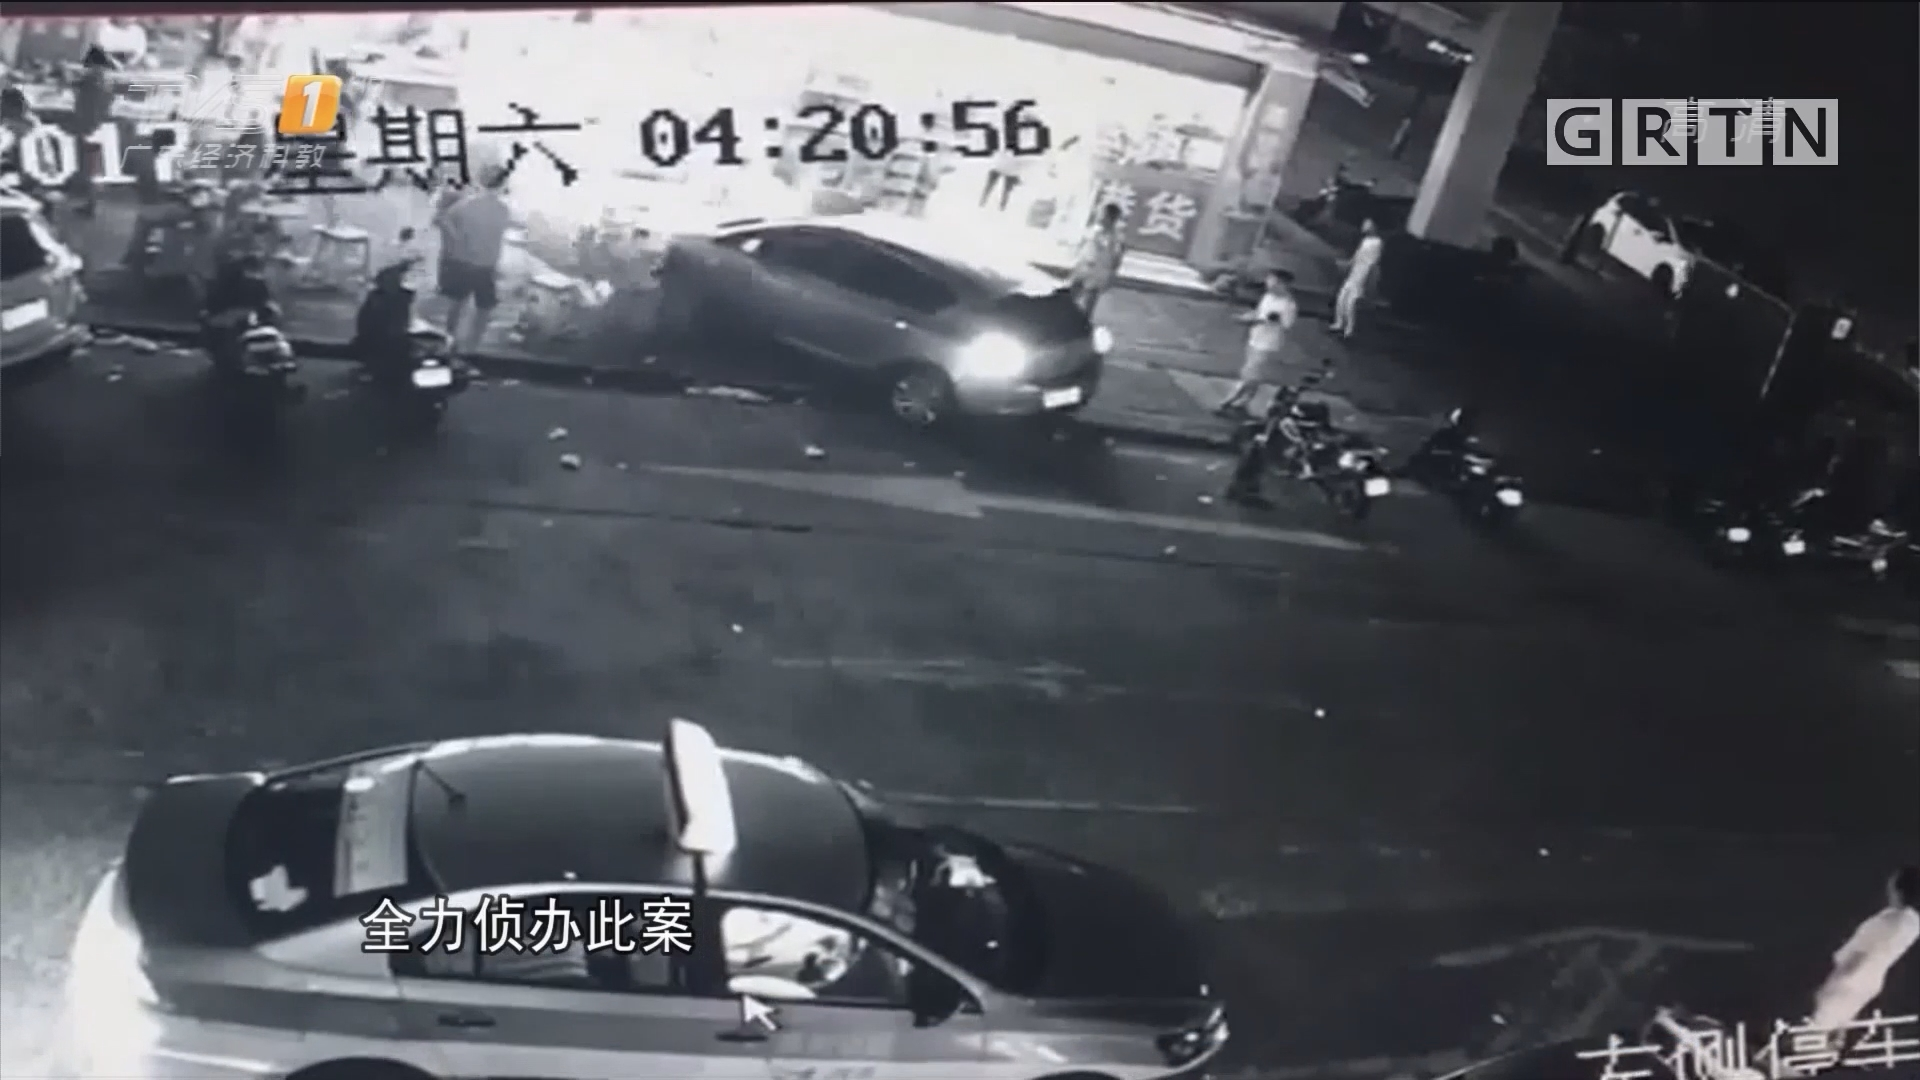 河源源城区:男子怀恨故意冲撞夜宵档 警方已立案